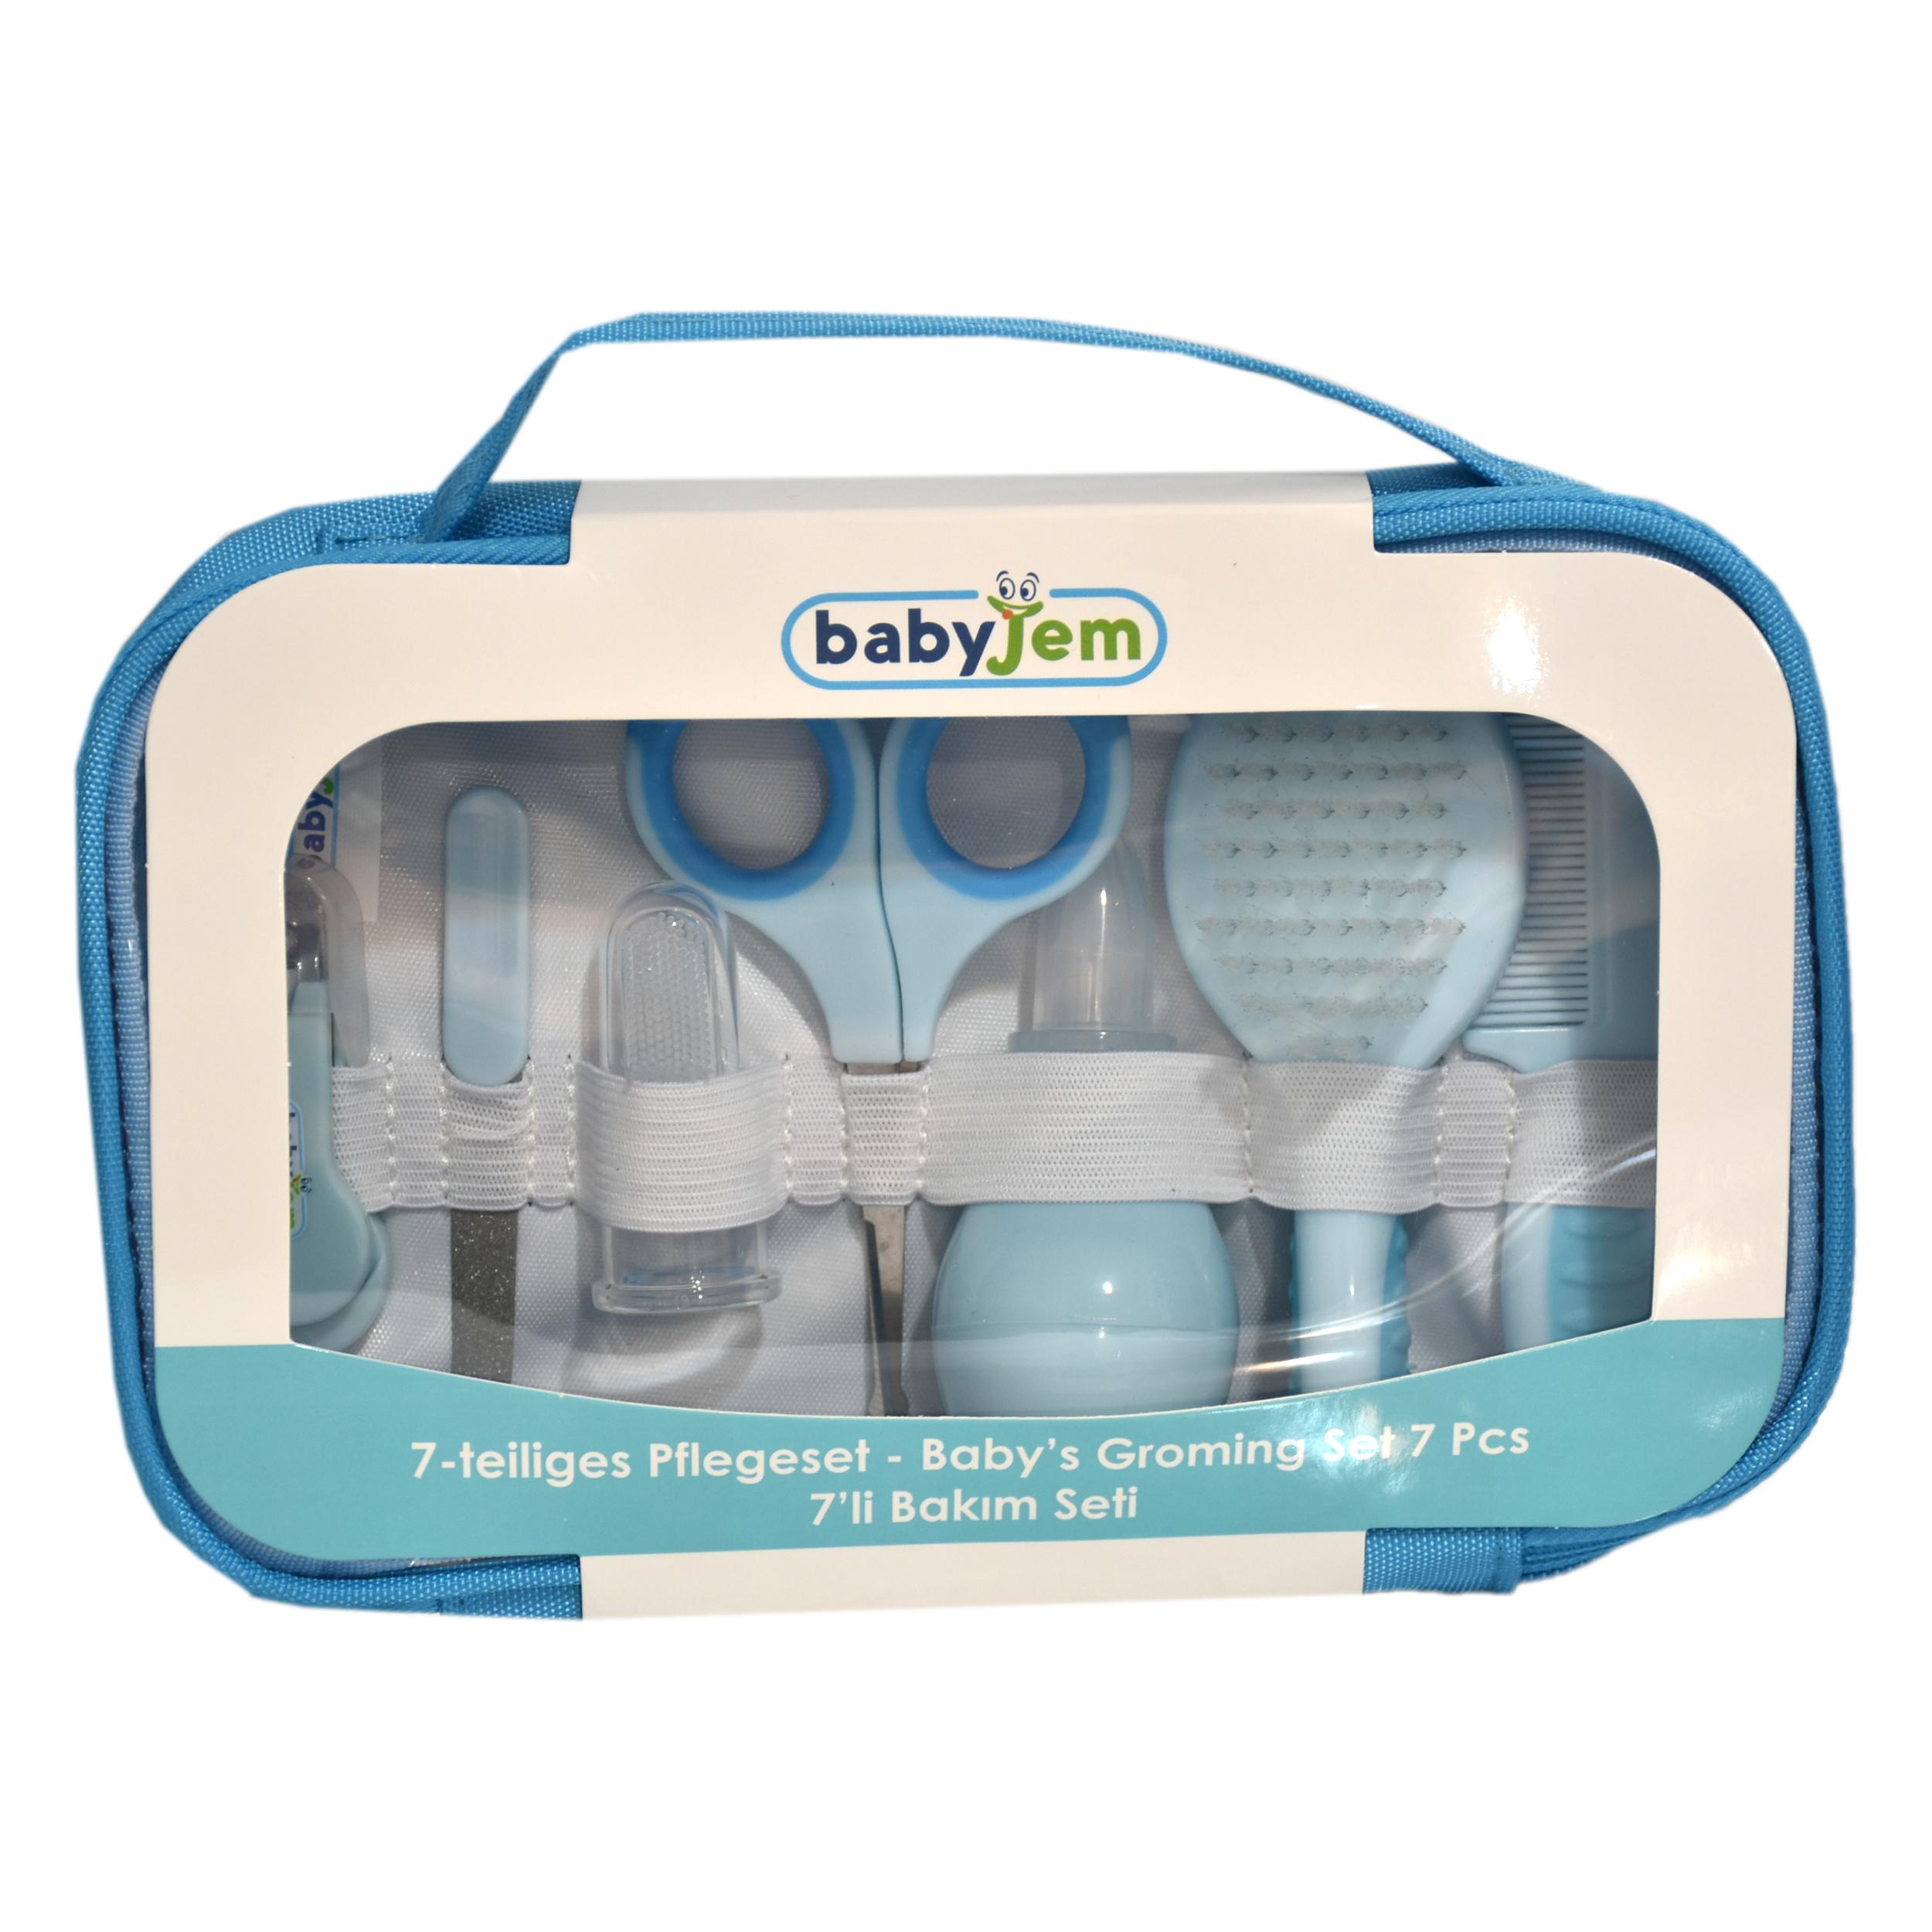 ست بهداشتی کودک بی بی جم مدل Bj615.1